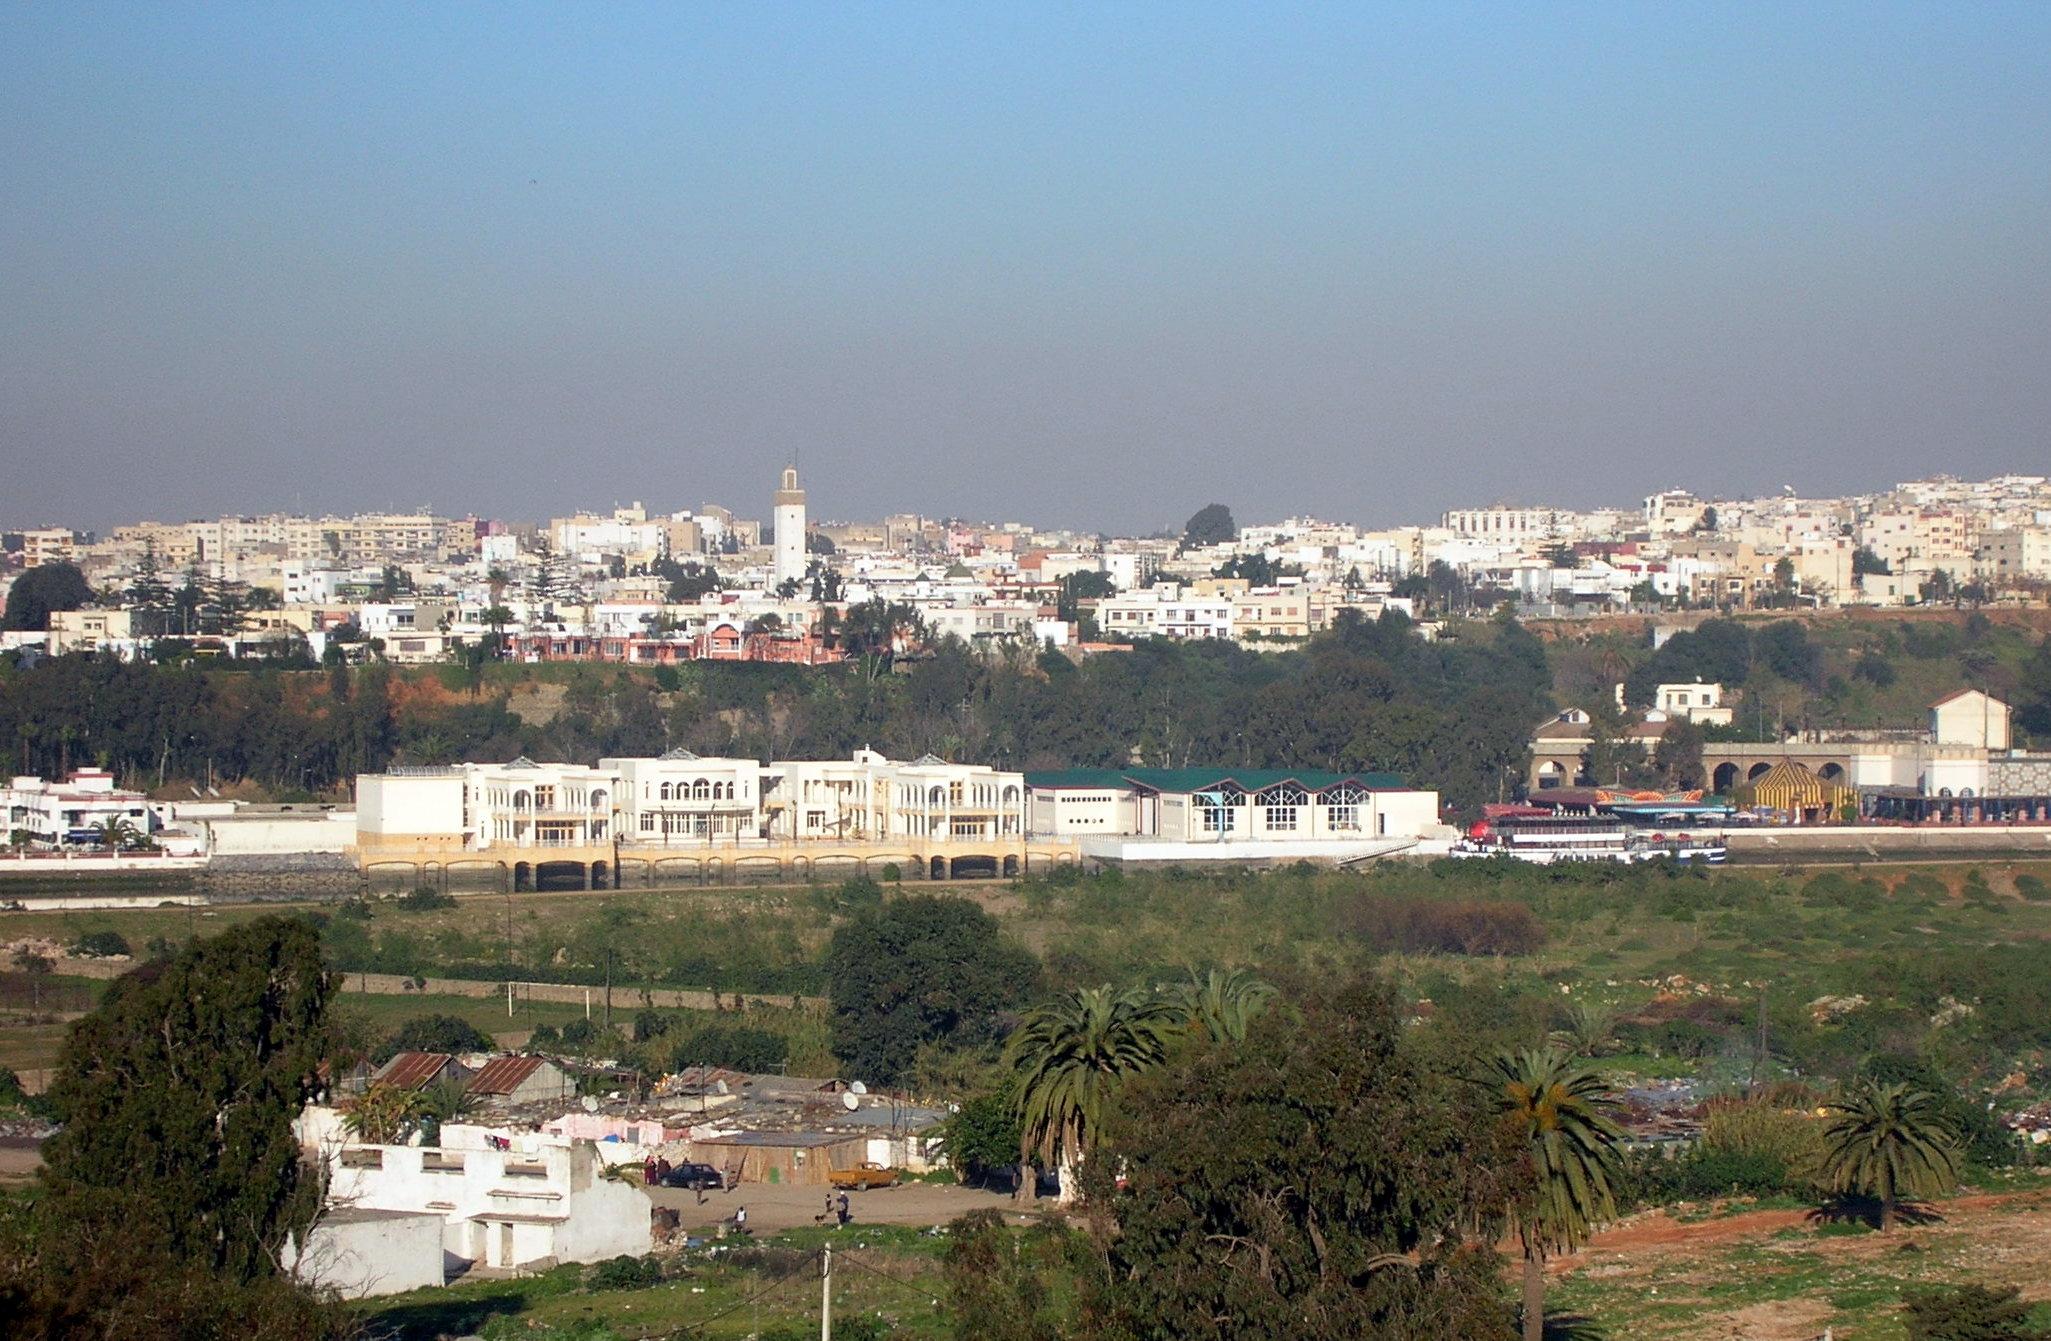 اكتشف المغرب في عشر دقائق  من أمواج الاندلس Sal%C3%A9%2C_Morocco